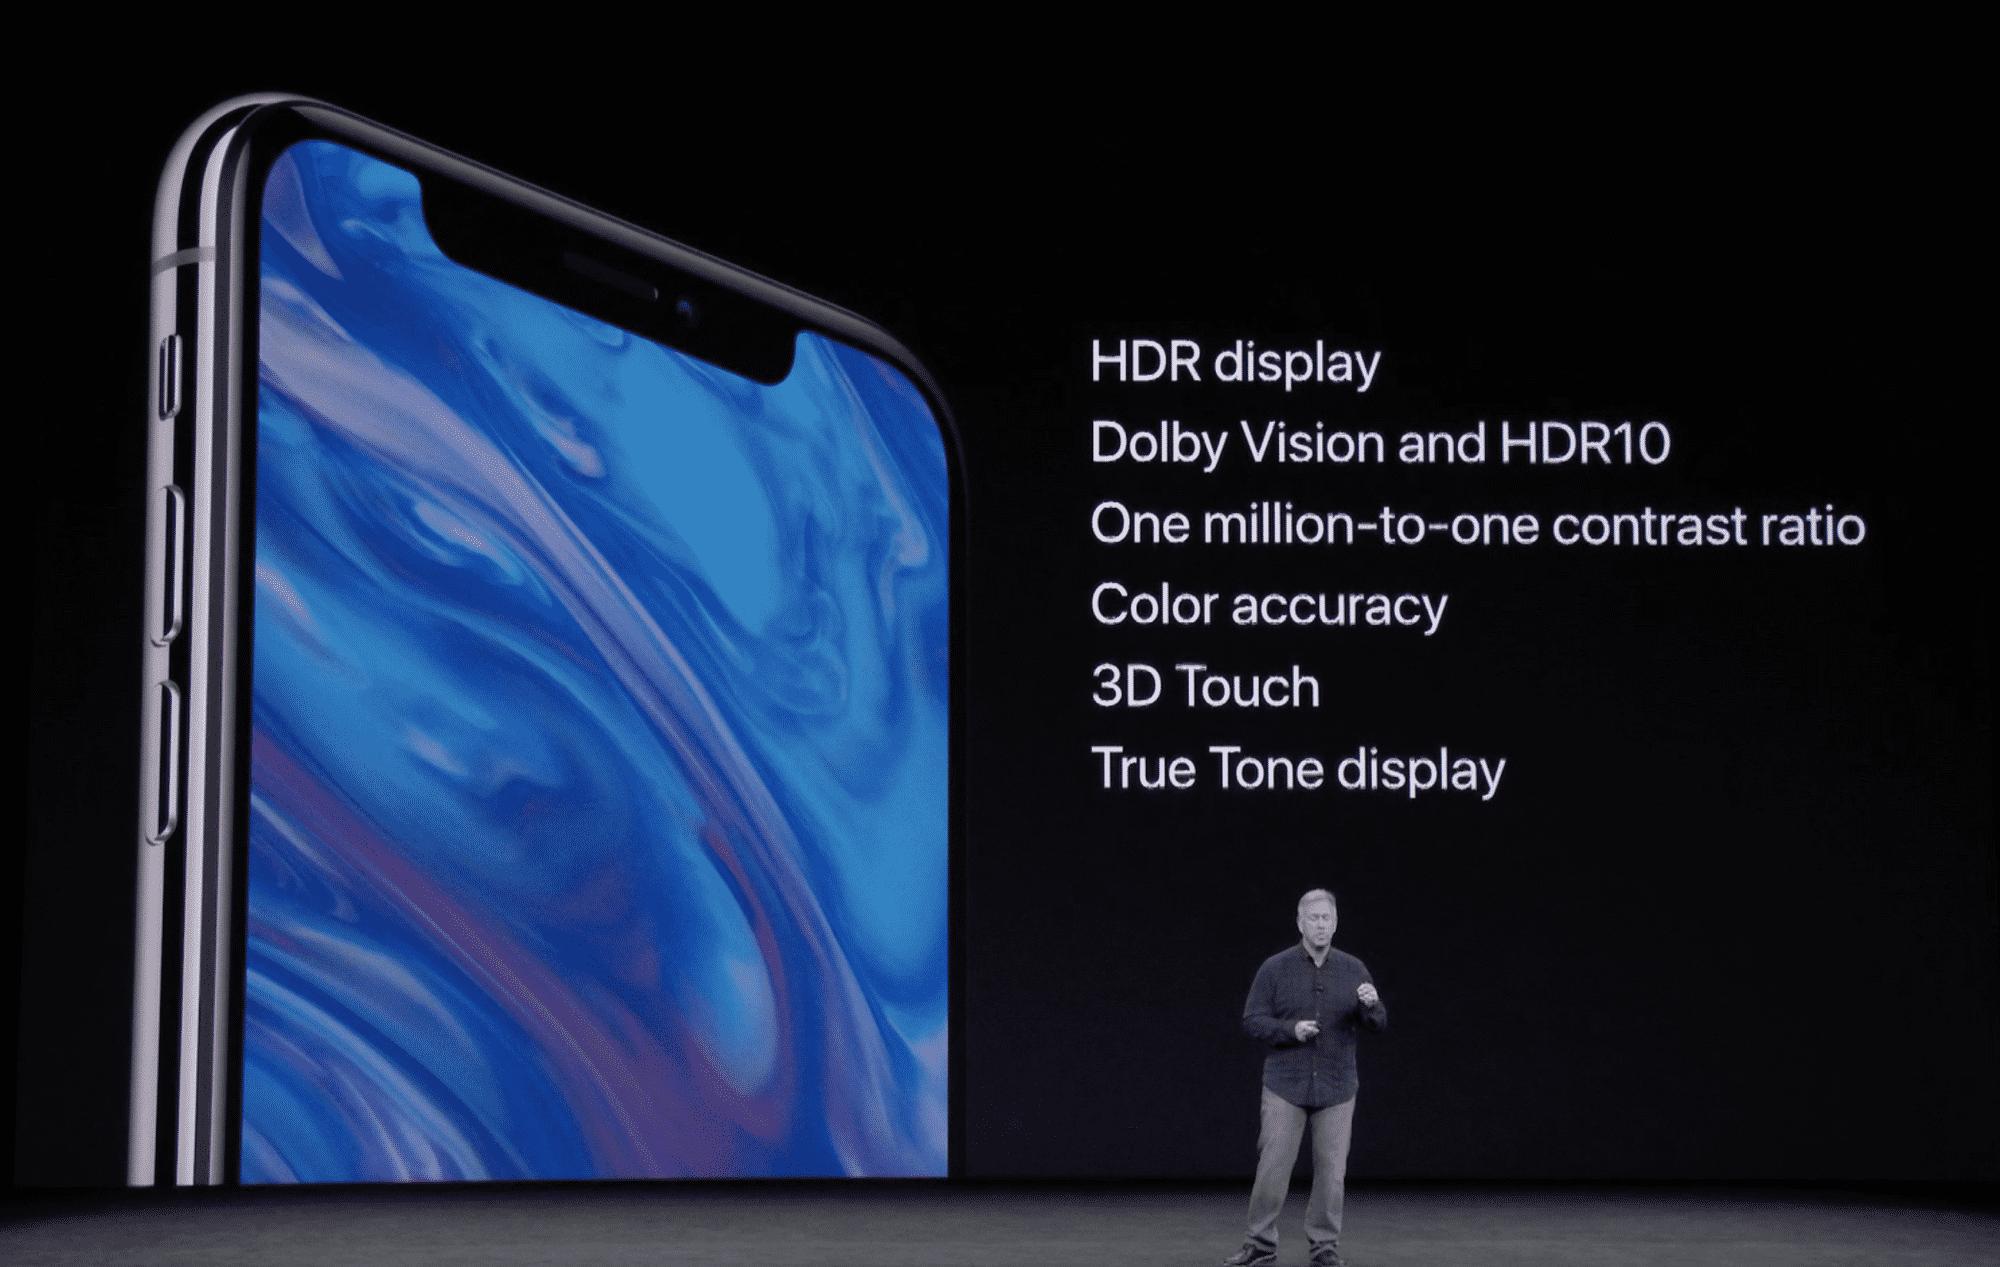 Erst das iPhone X kommt mit HDR-Display und Unterstützung für HDR10 und Dolby Vision.